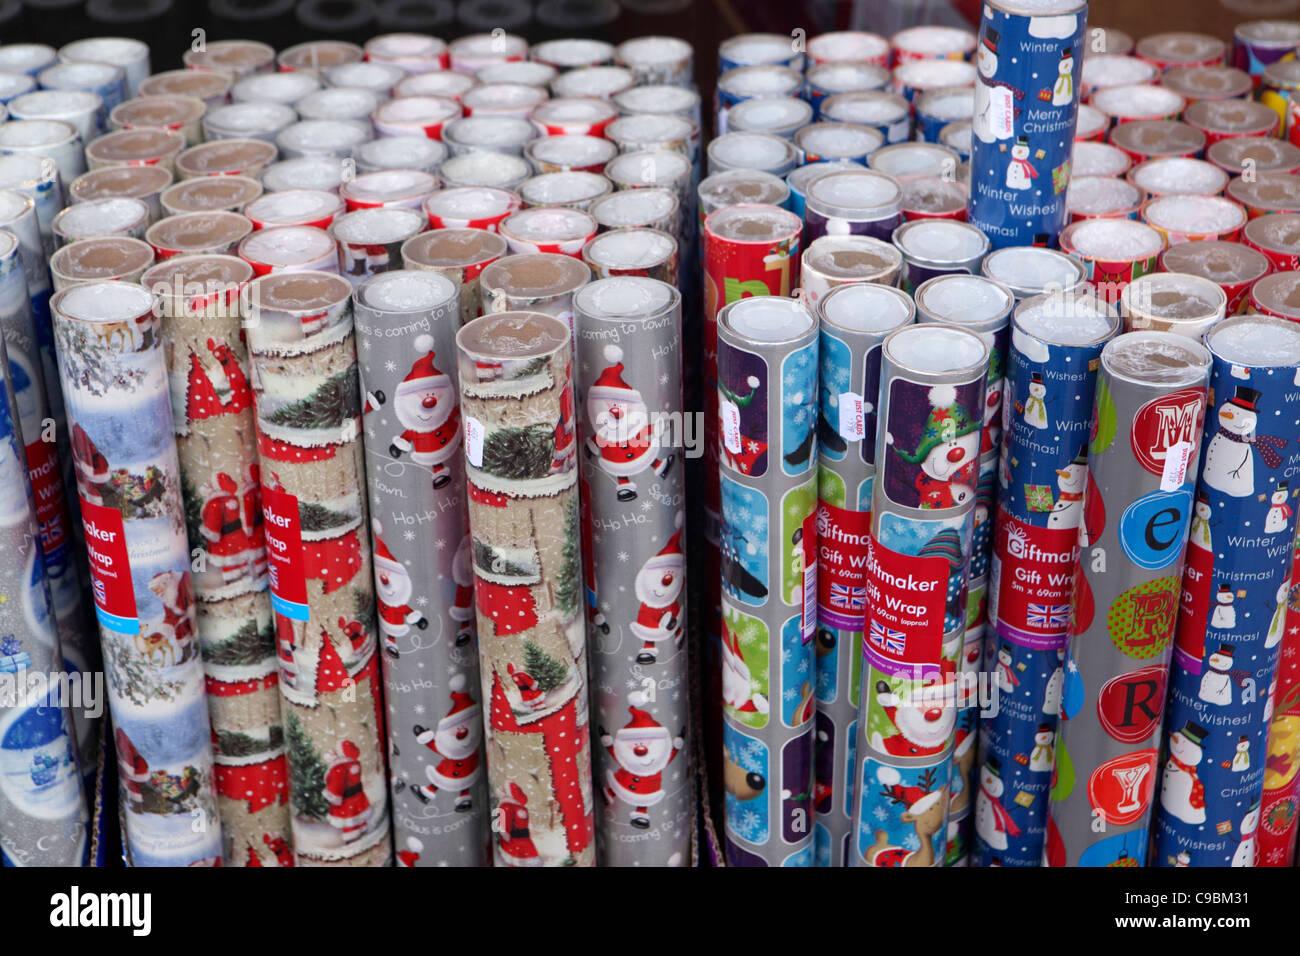 Rollos de papel para envolver regalos de Navidad, para la venta, el patrón/imagen de fondo Imagen De Stock